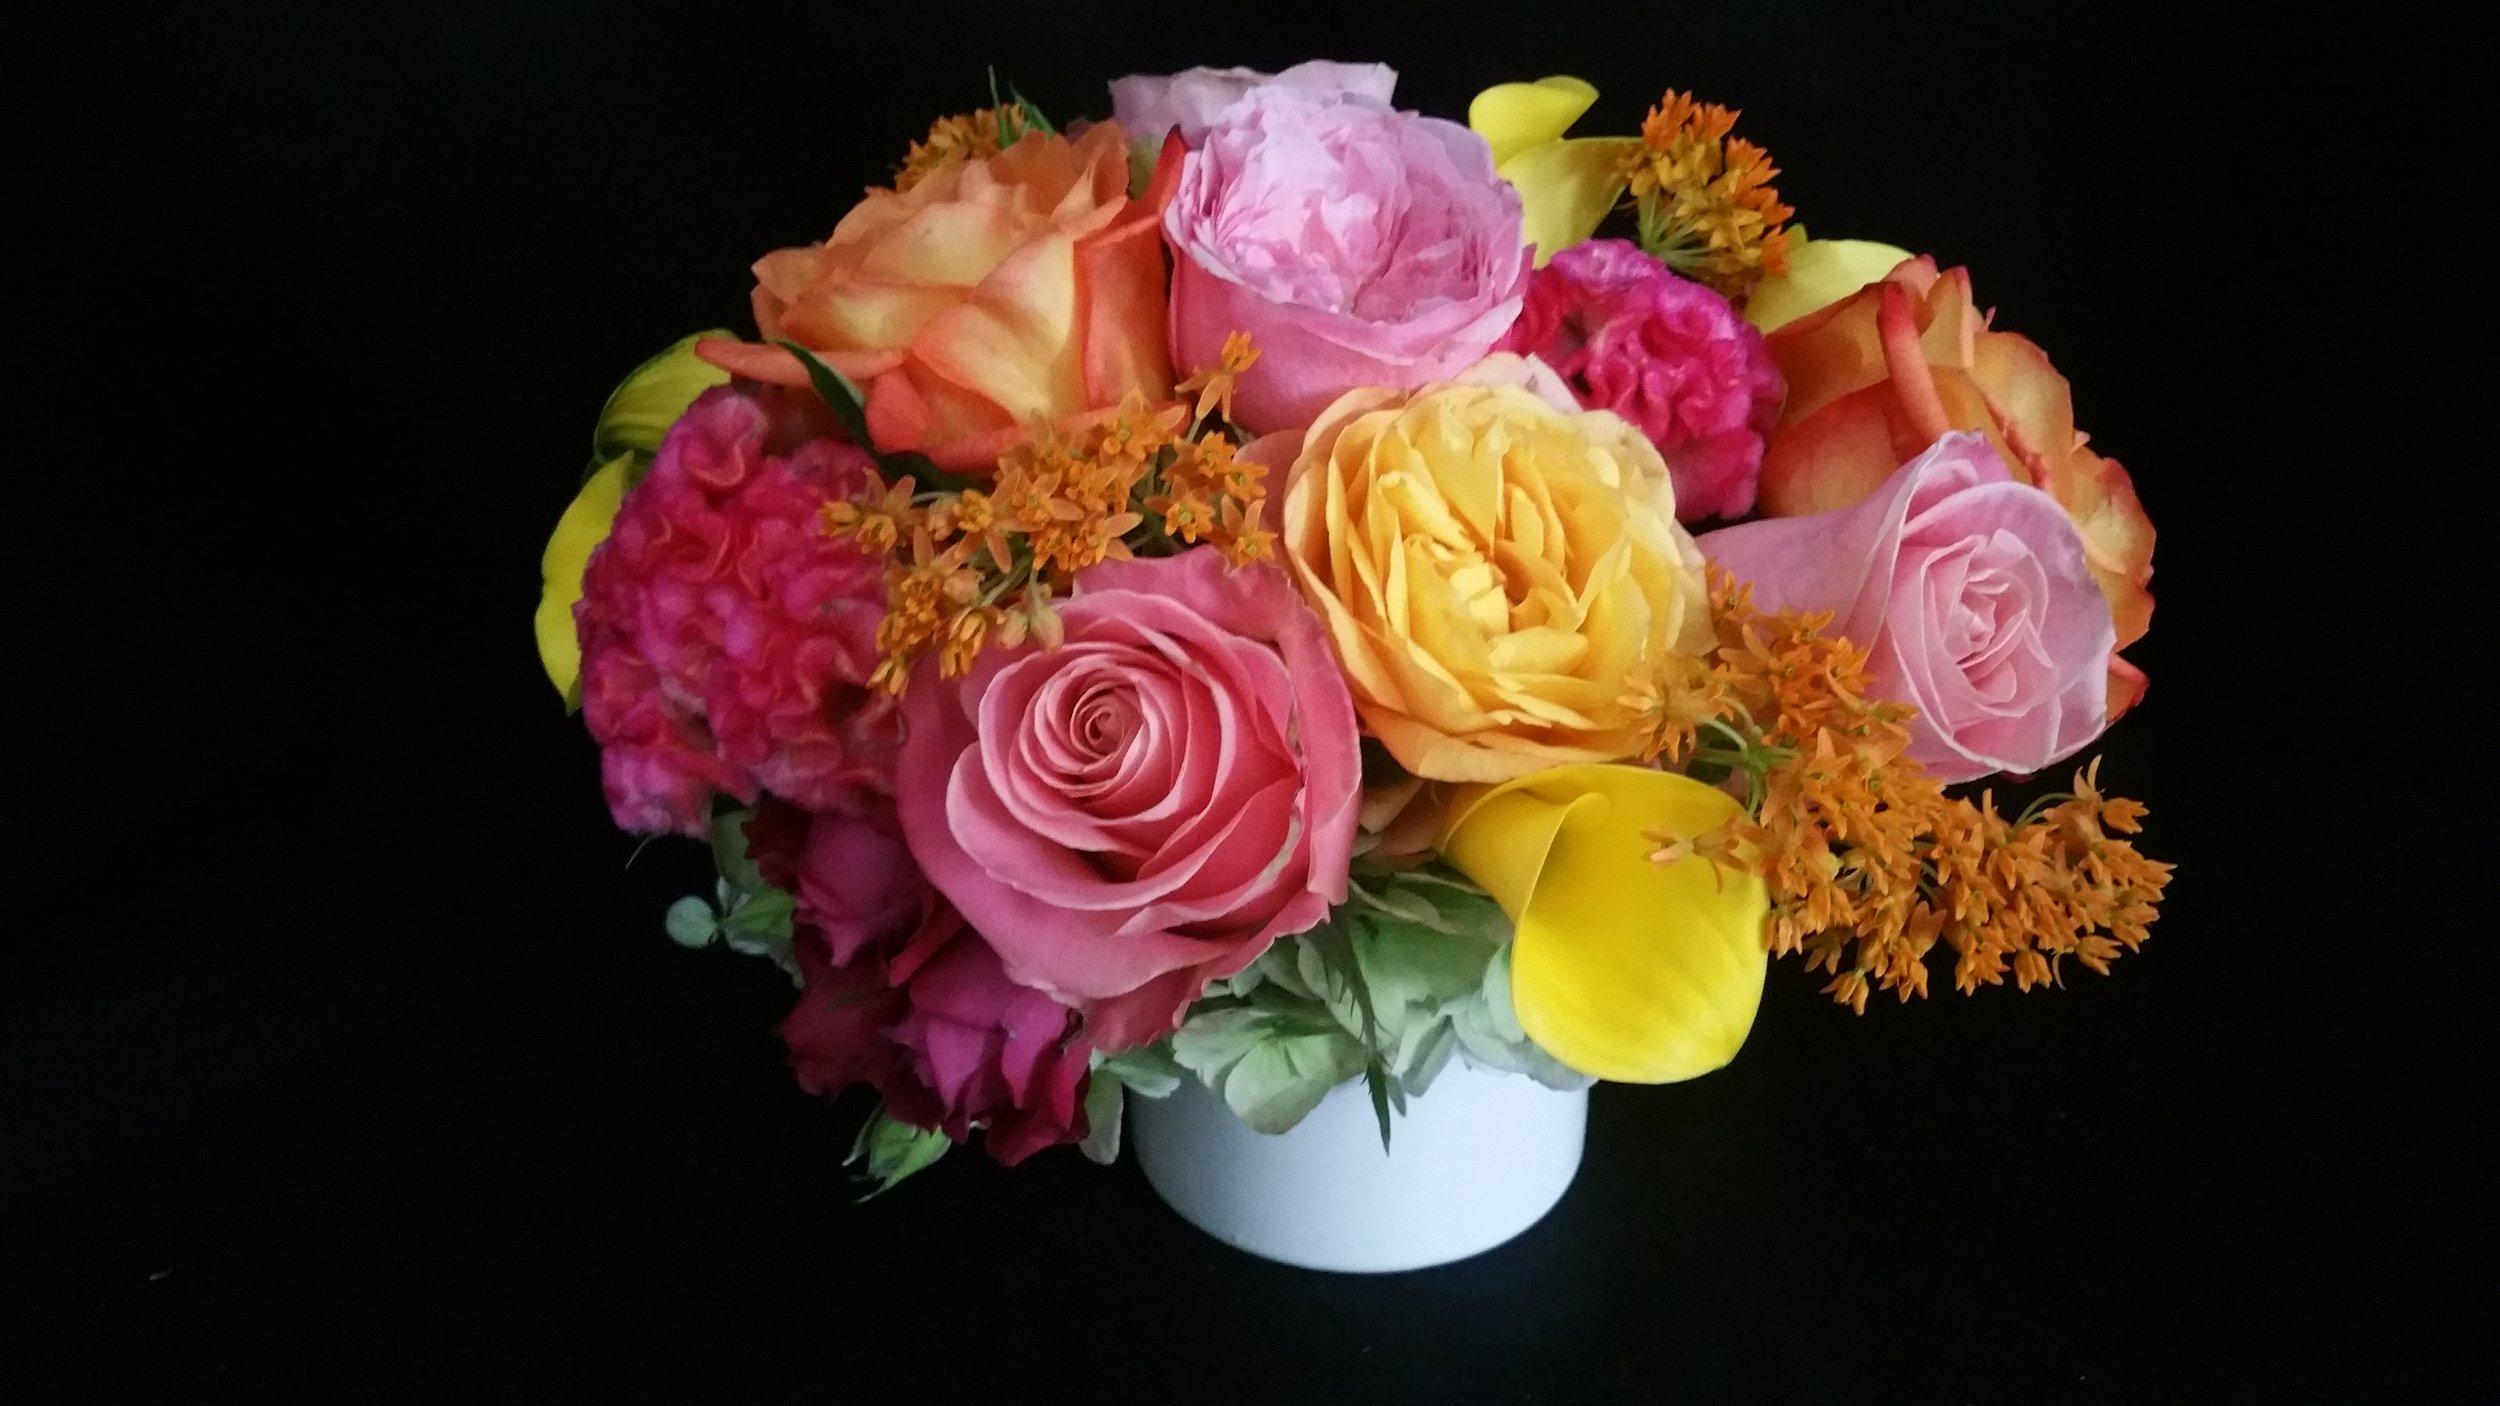 Warm Color Floral Arrangement